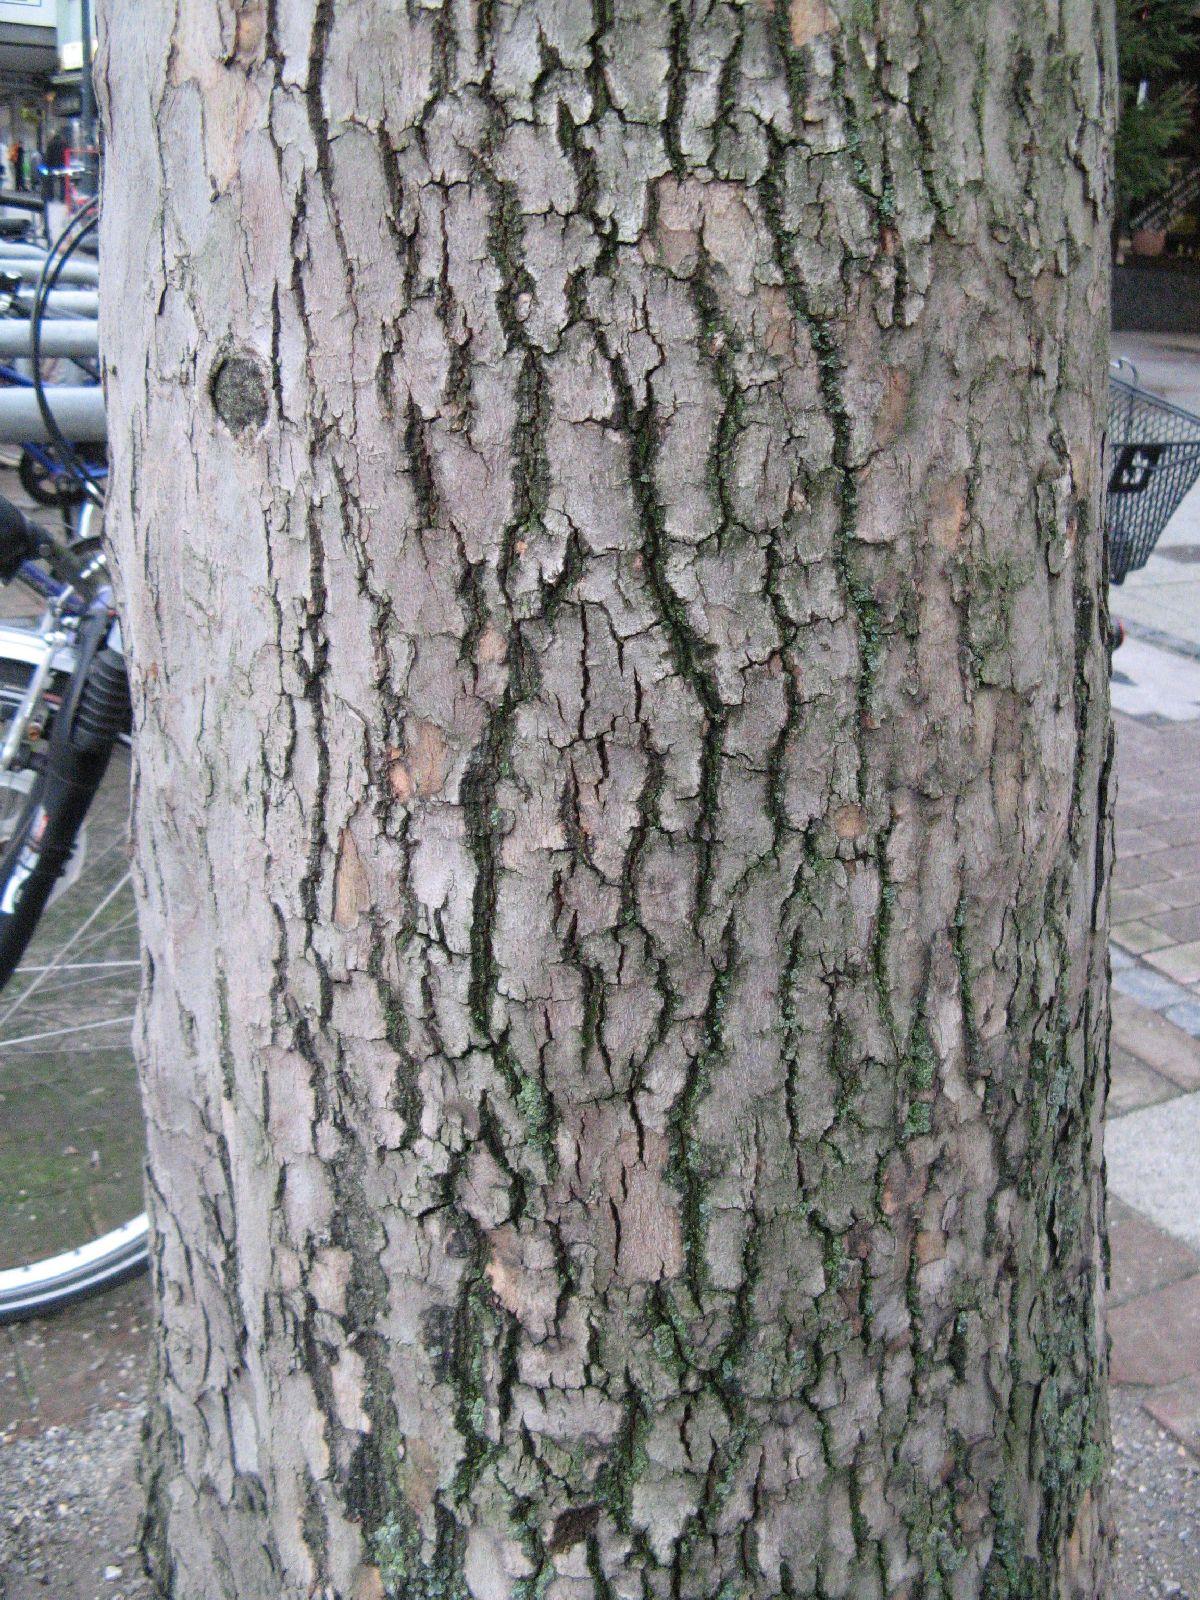 Baum-Rinde_Texturs_B_26350